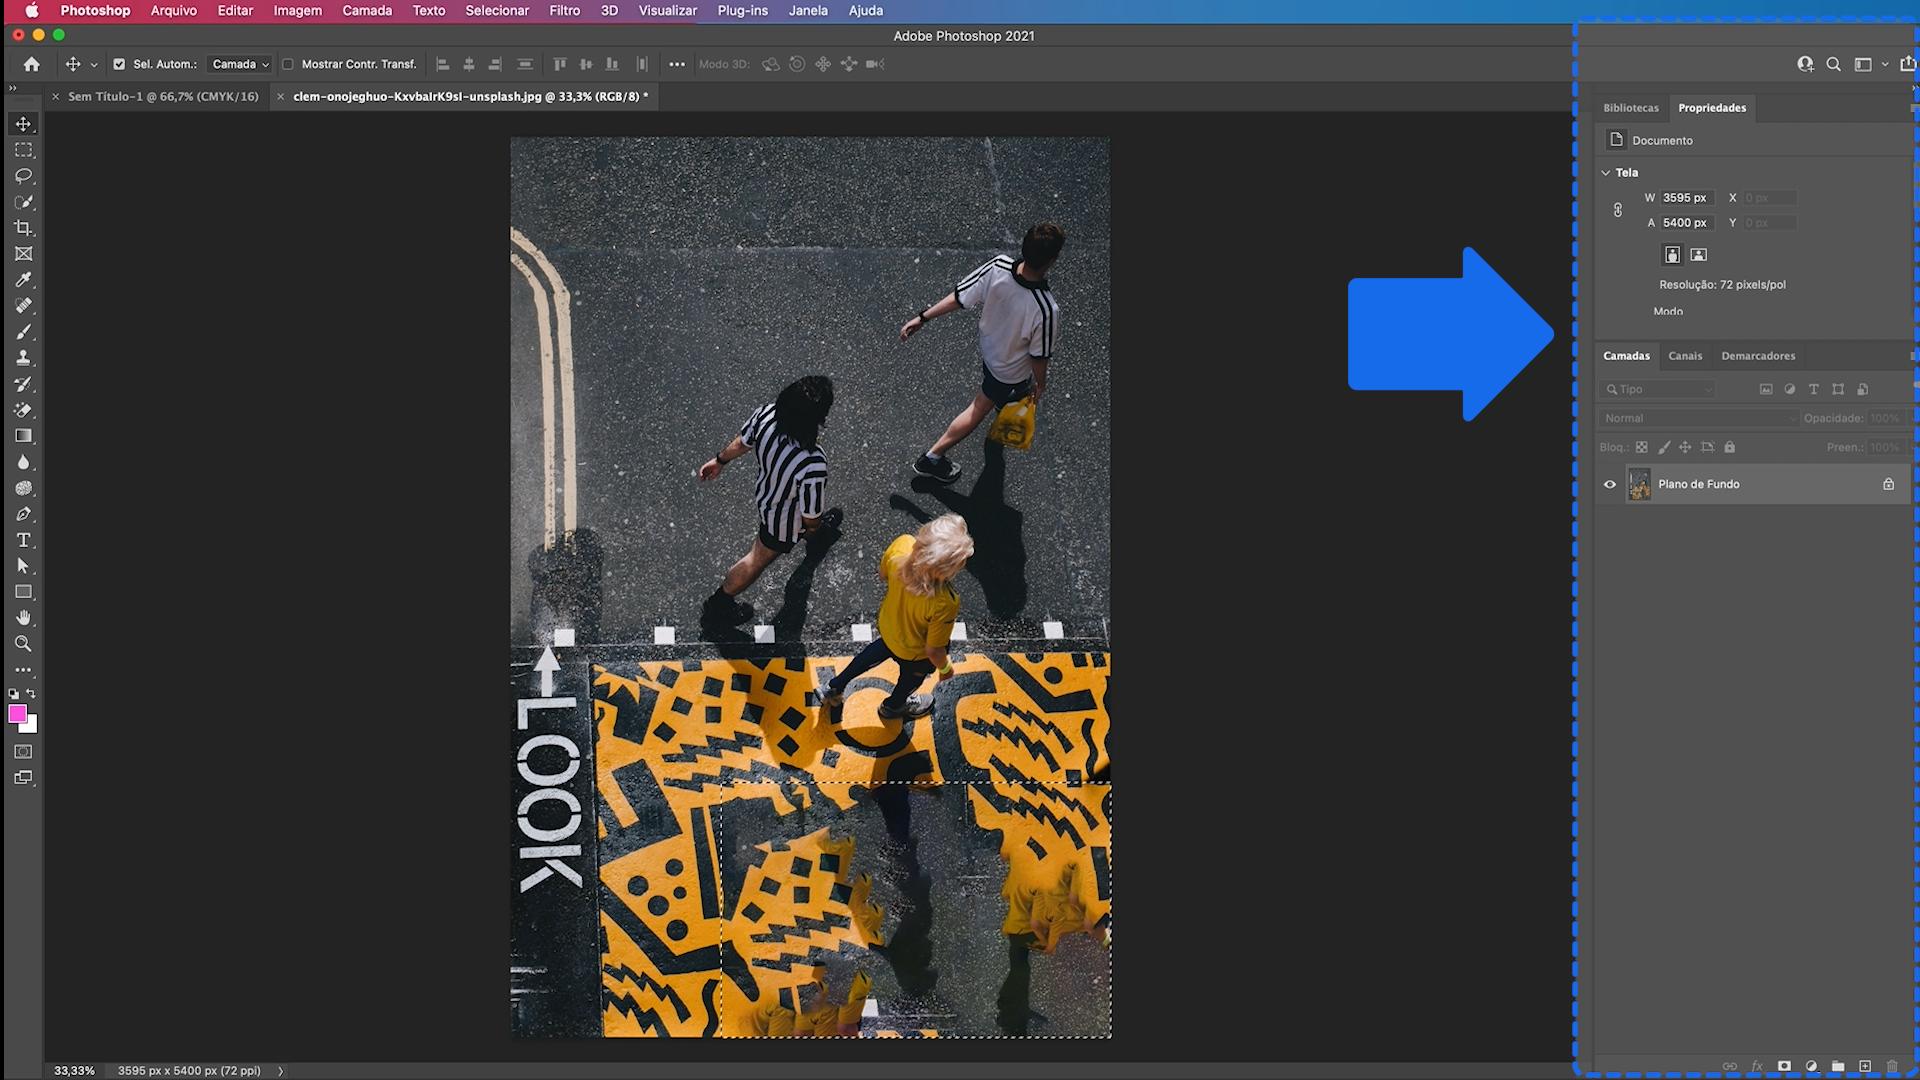 Para que serve a barra lateral direita do Photoshop